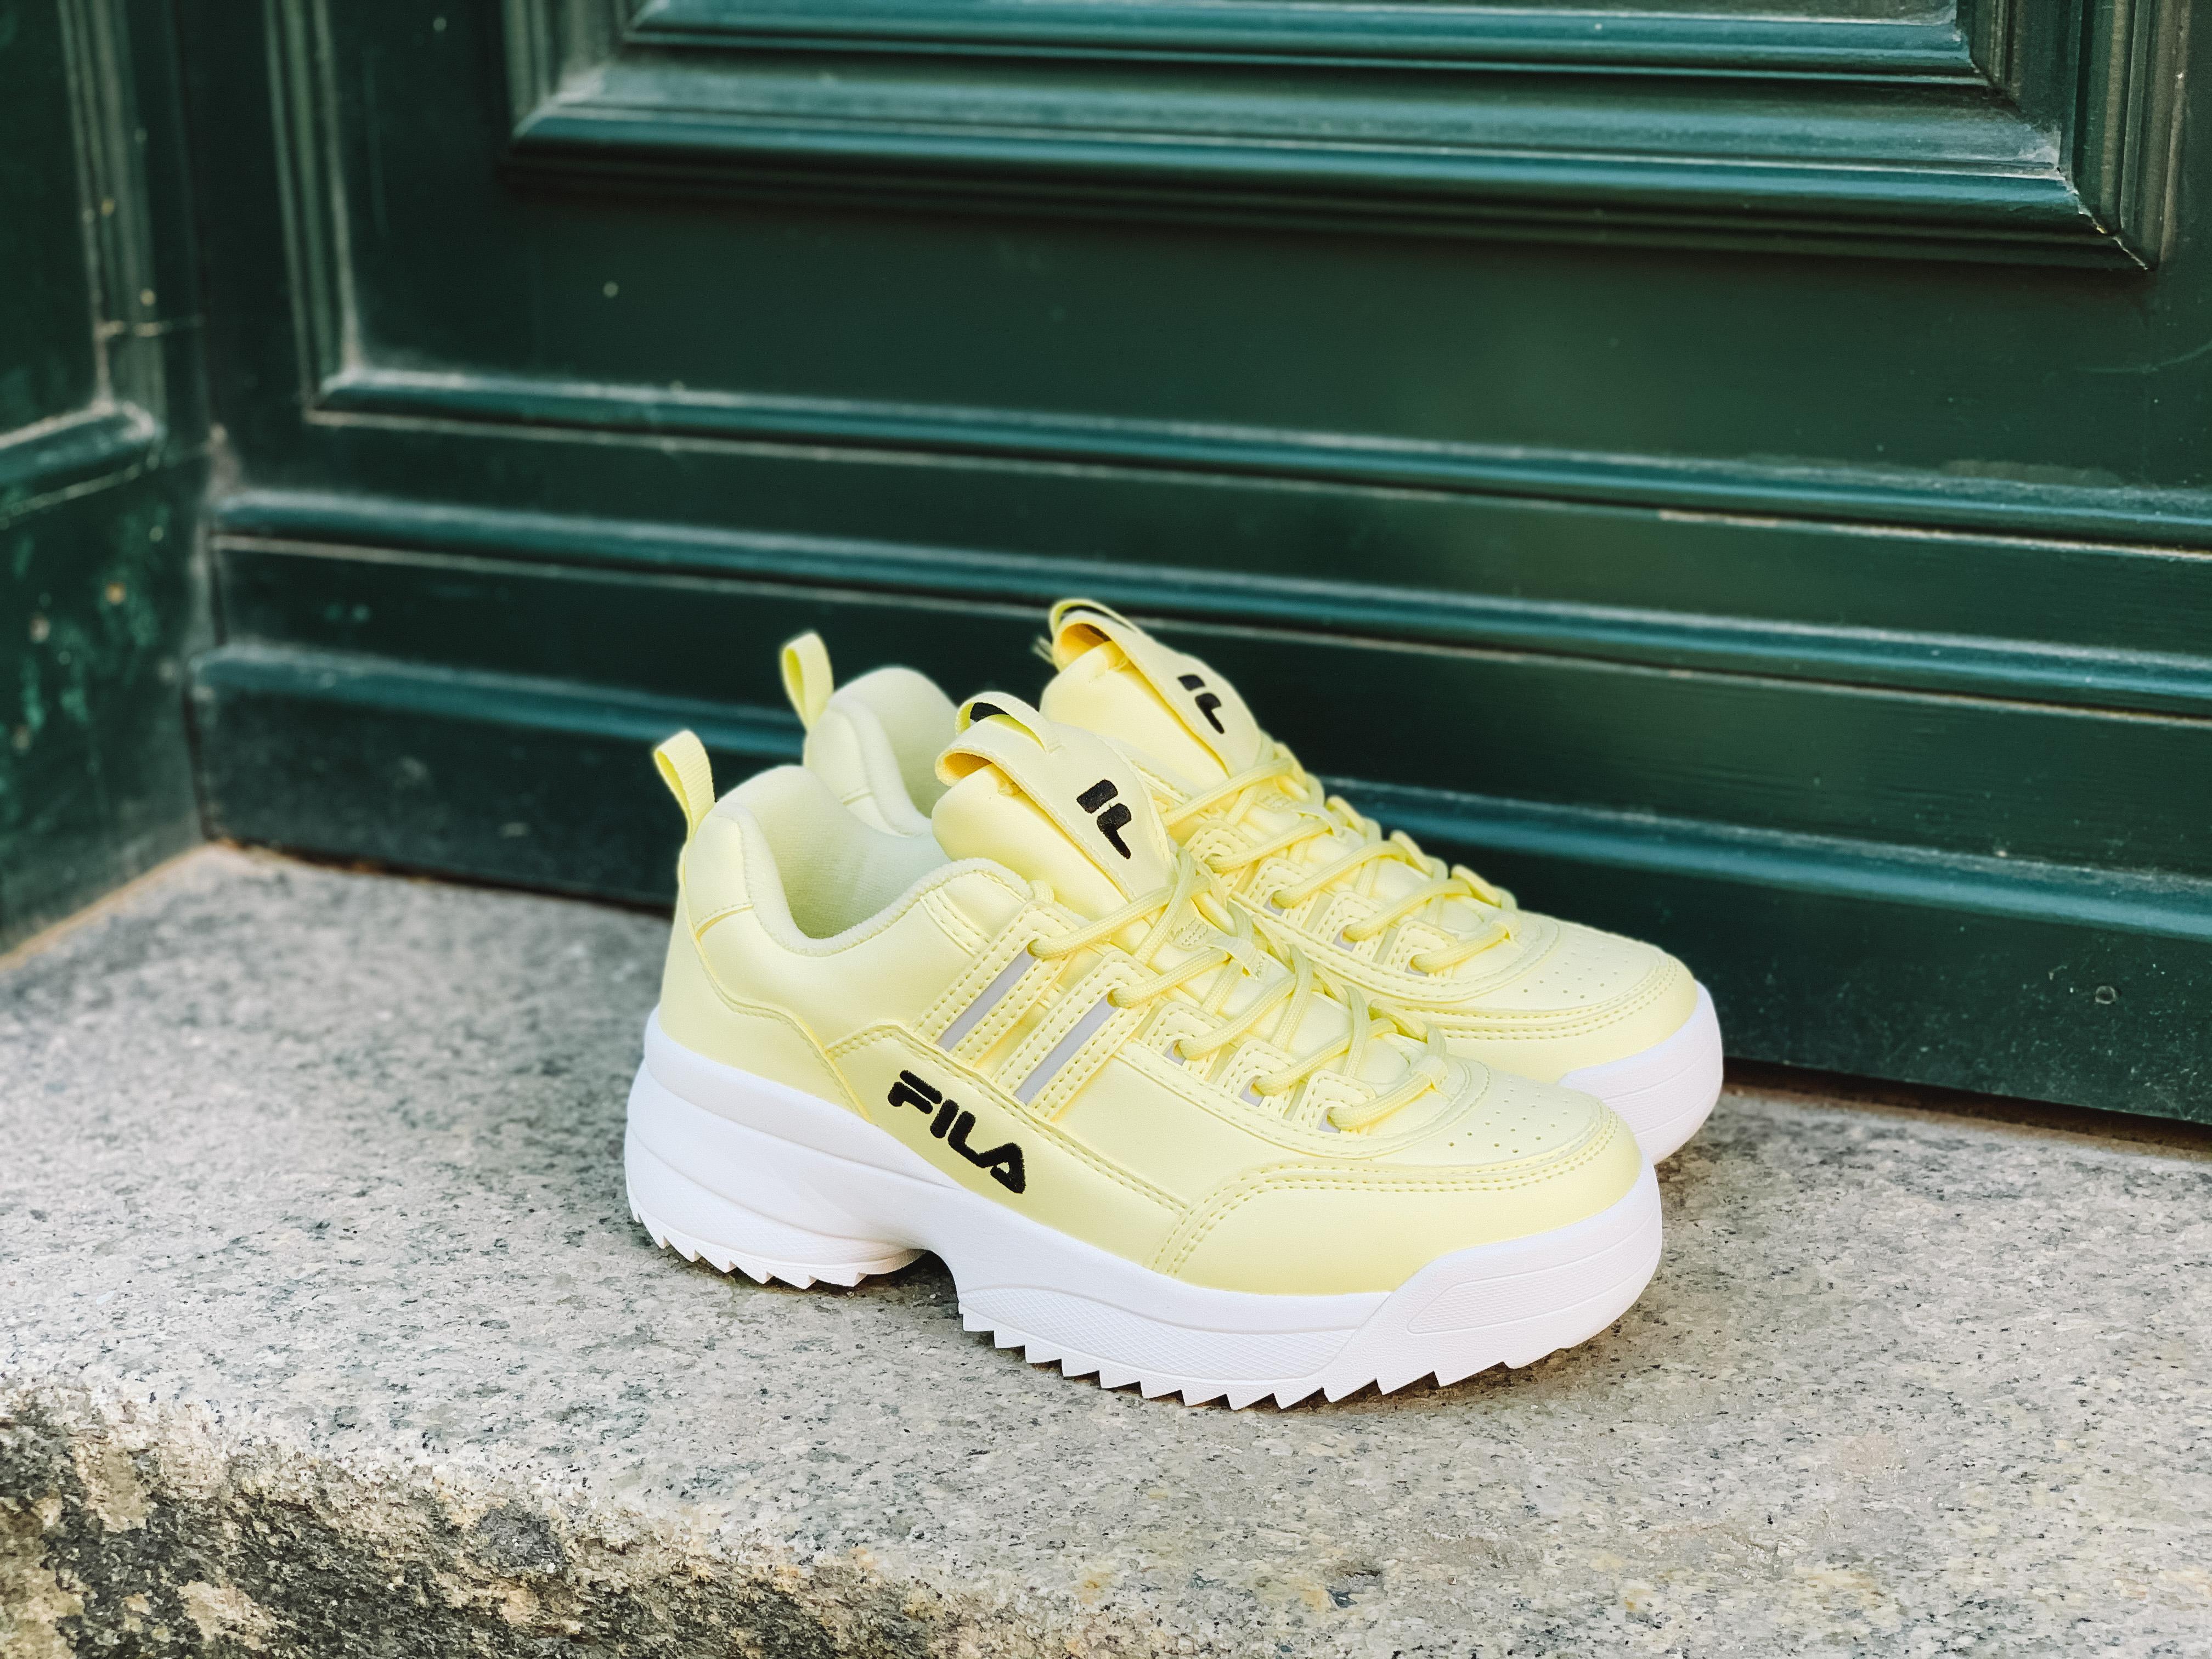 18 Sneakersy FILA 19990  zjpeg